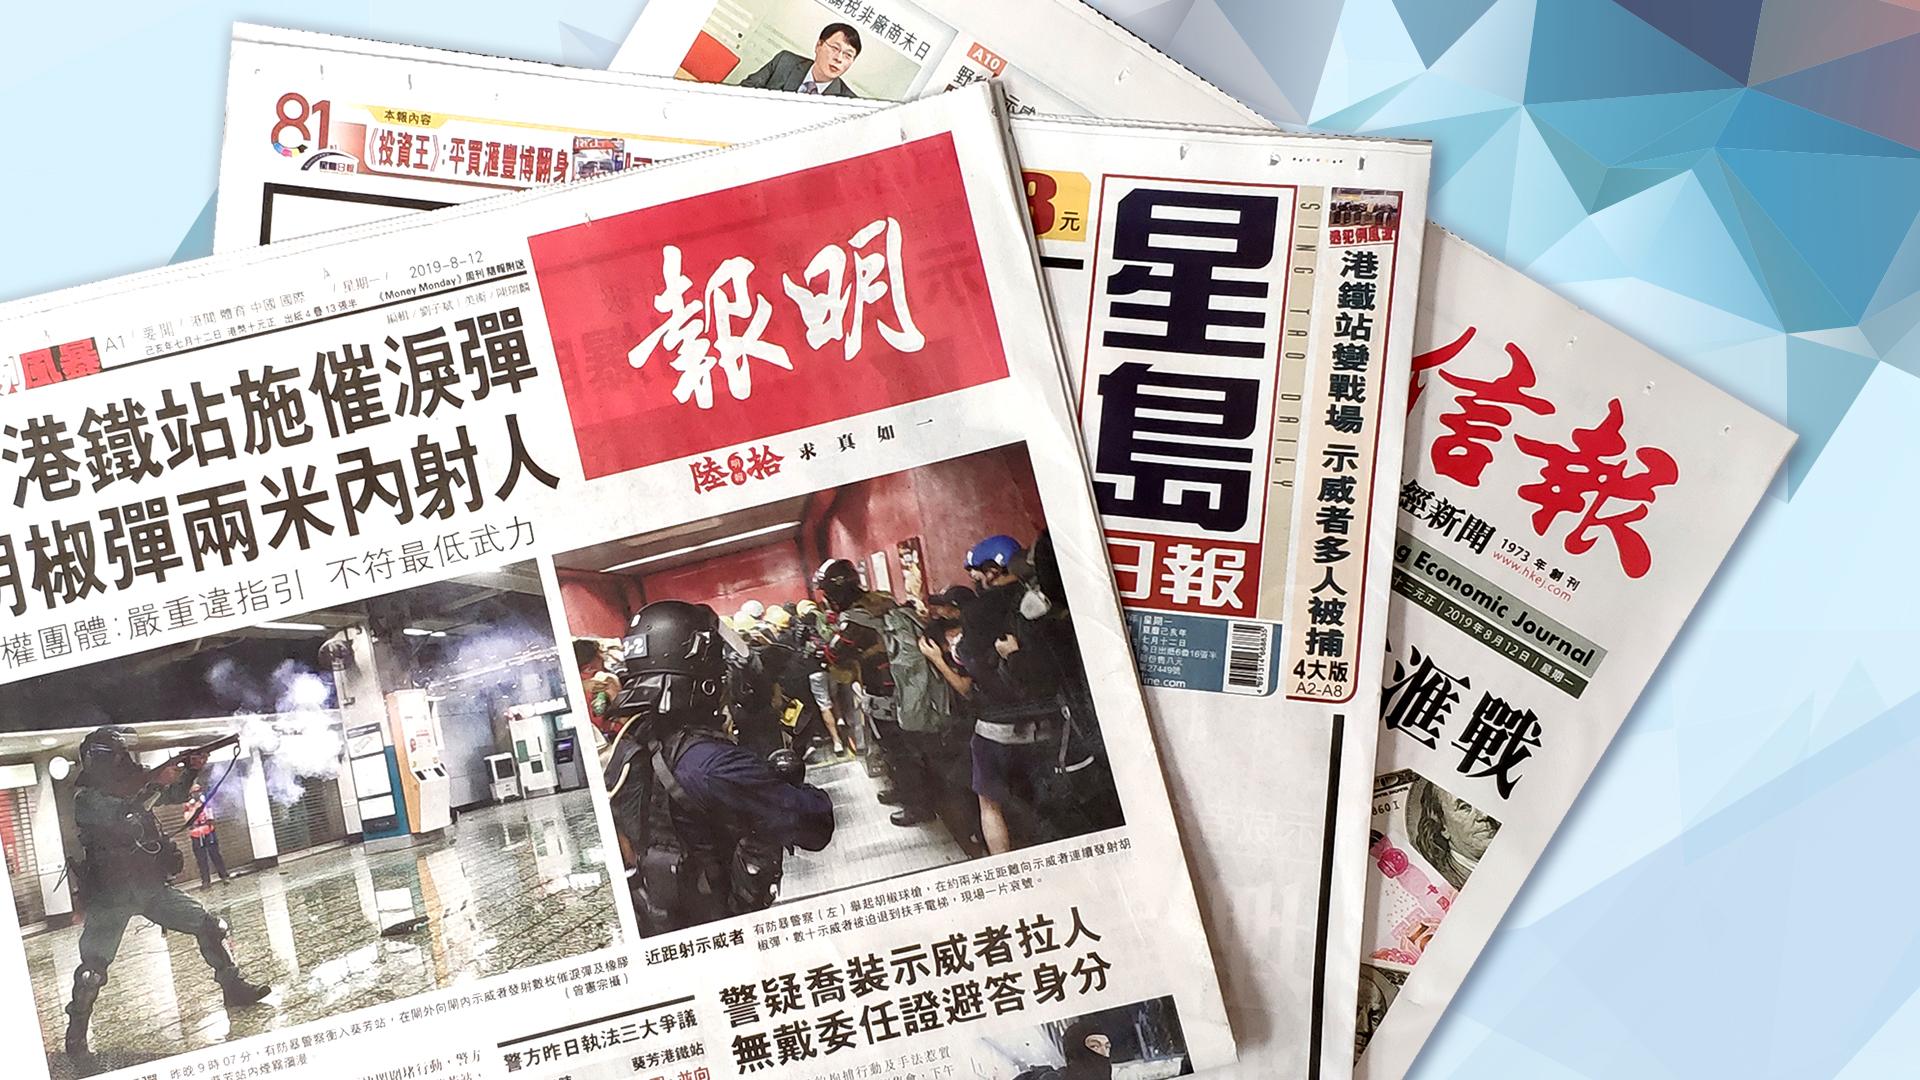 【報章A1速覽】警港鐵站施催淚彈 胡椒彈兩米內射人 人權團體:嚴重違指引;示威「快閃」戰 竄擾半個香港